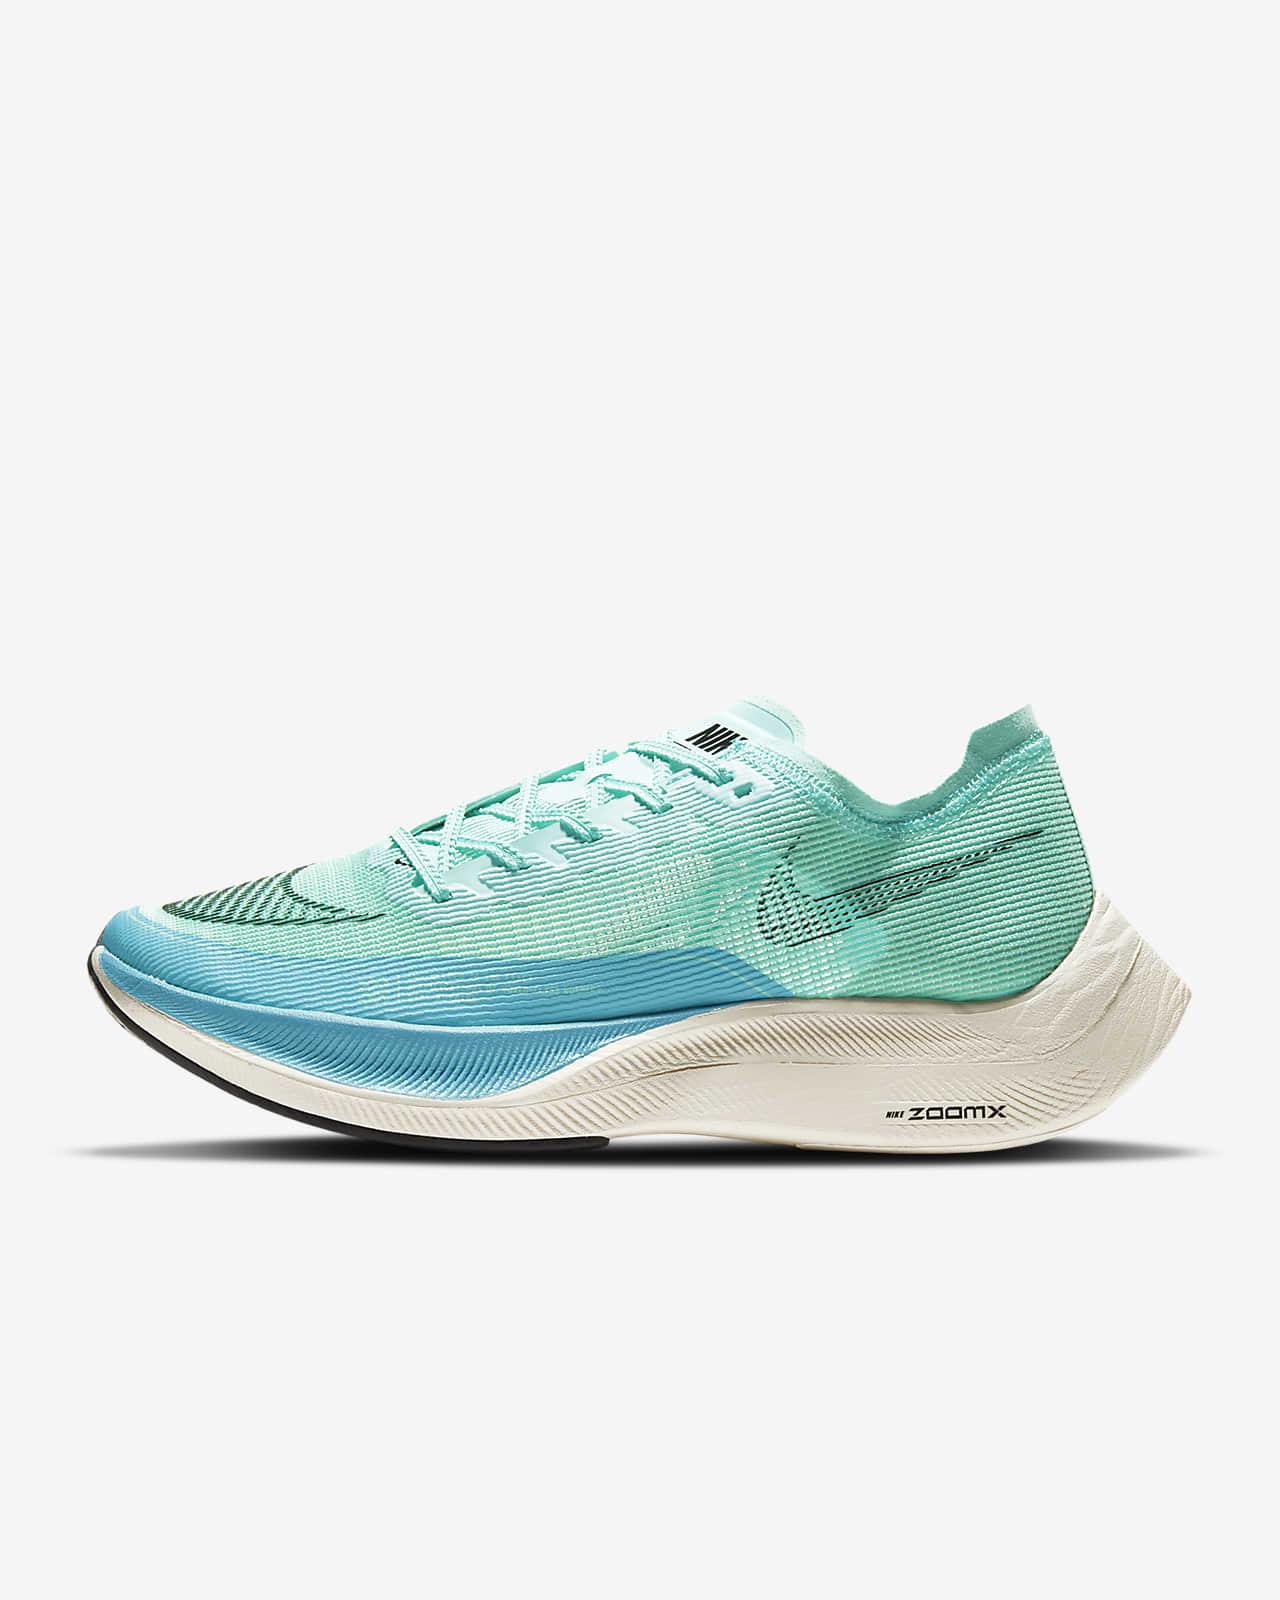 Ανδρικό παπούτσι αγώνων Nike ZoomX Vaporfly Next% 2